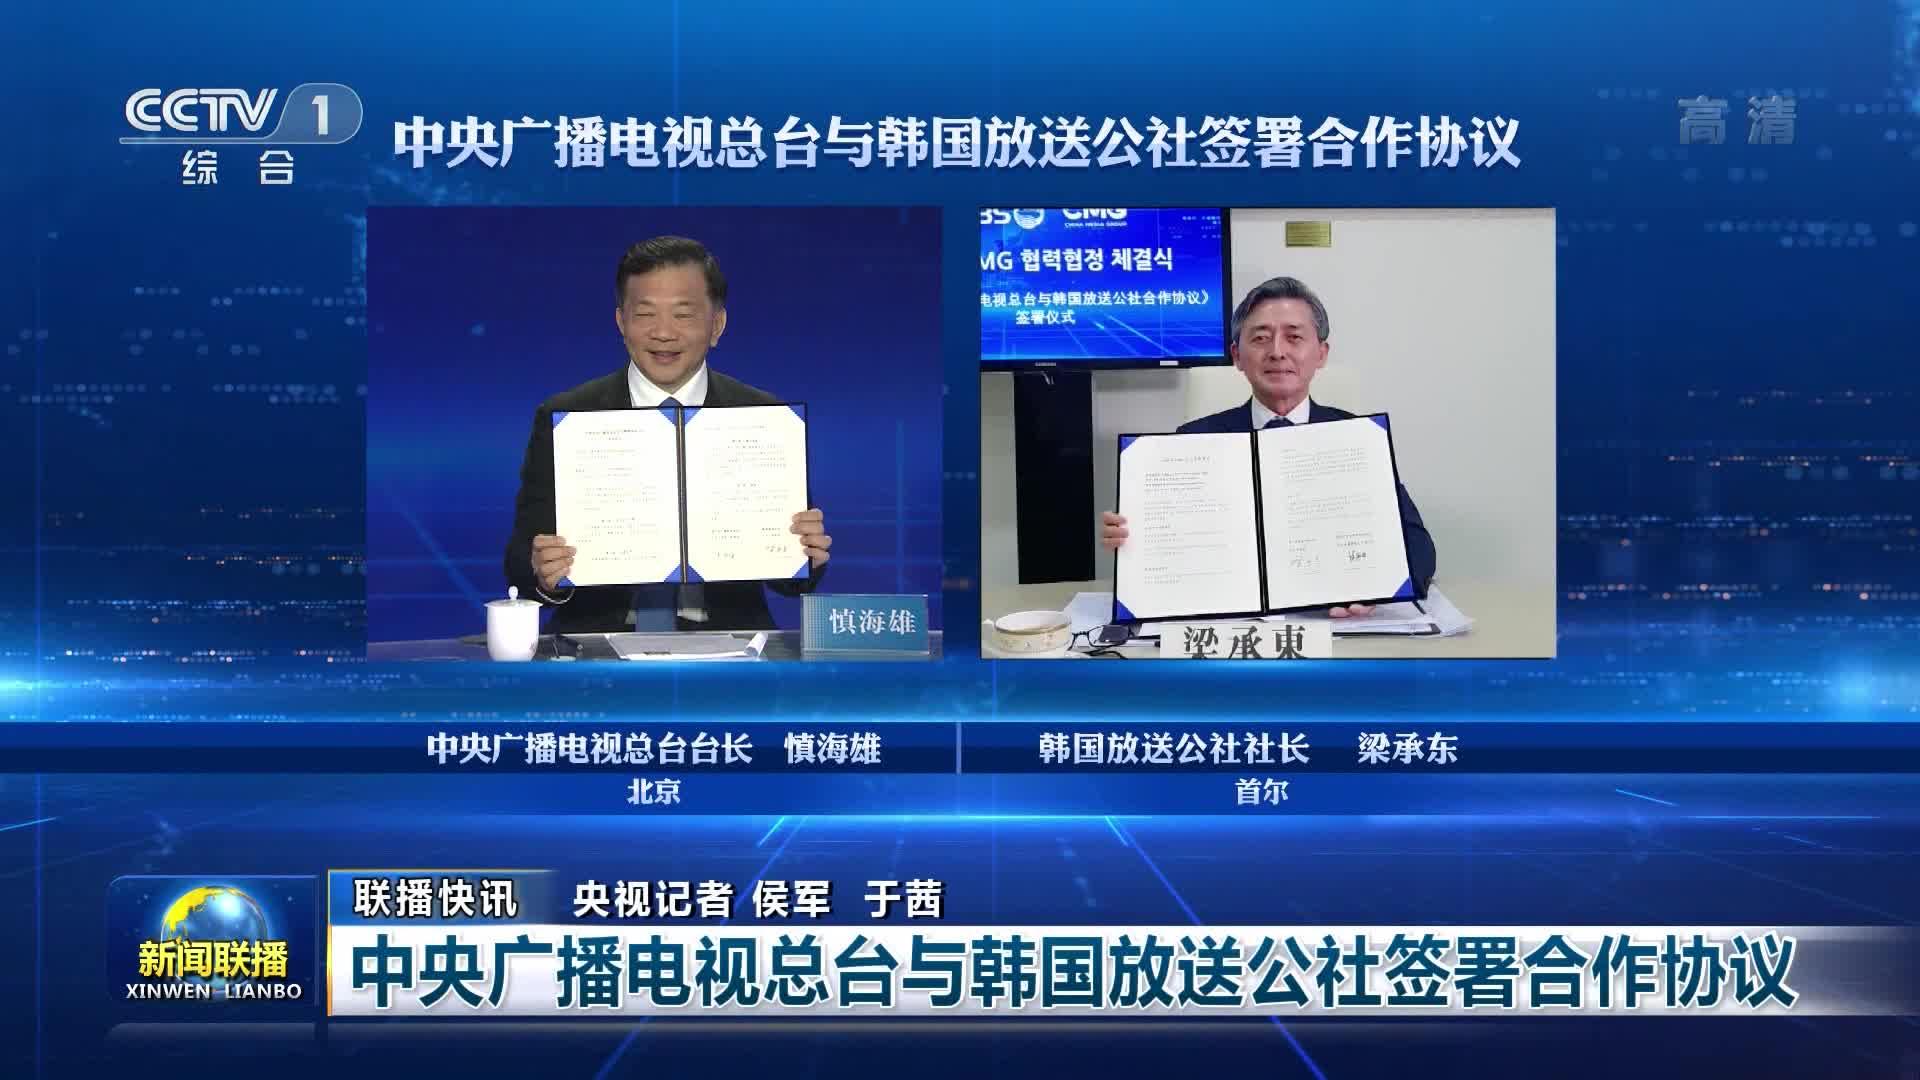 【联播快讯】中央广播电视总台与韩国放送公社签署合作协议